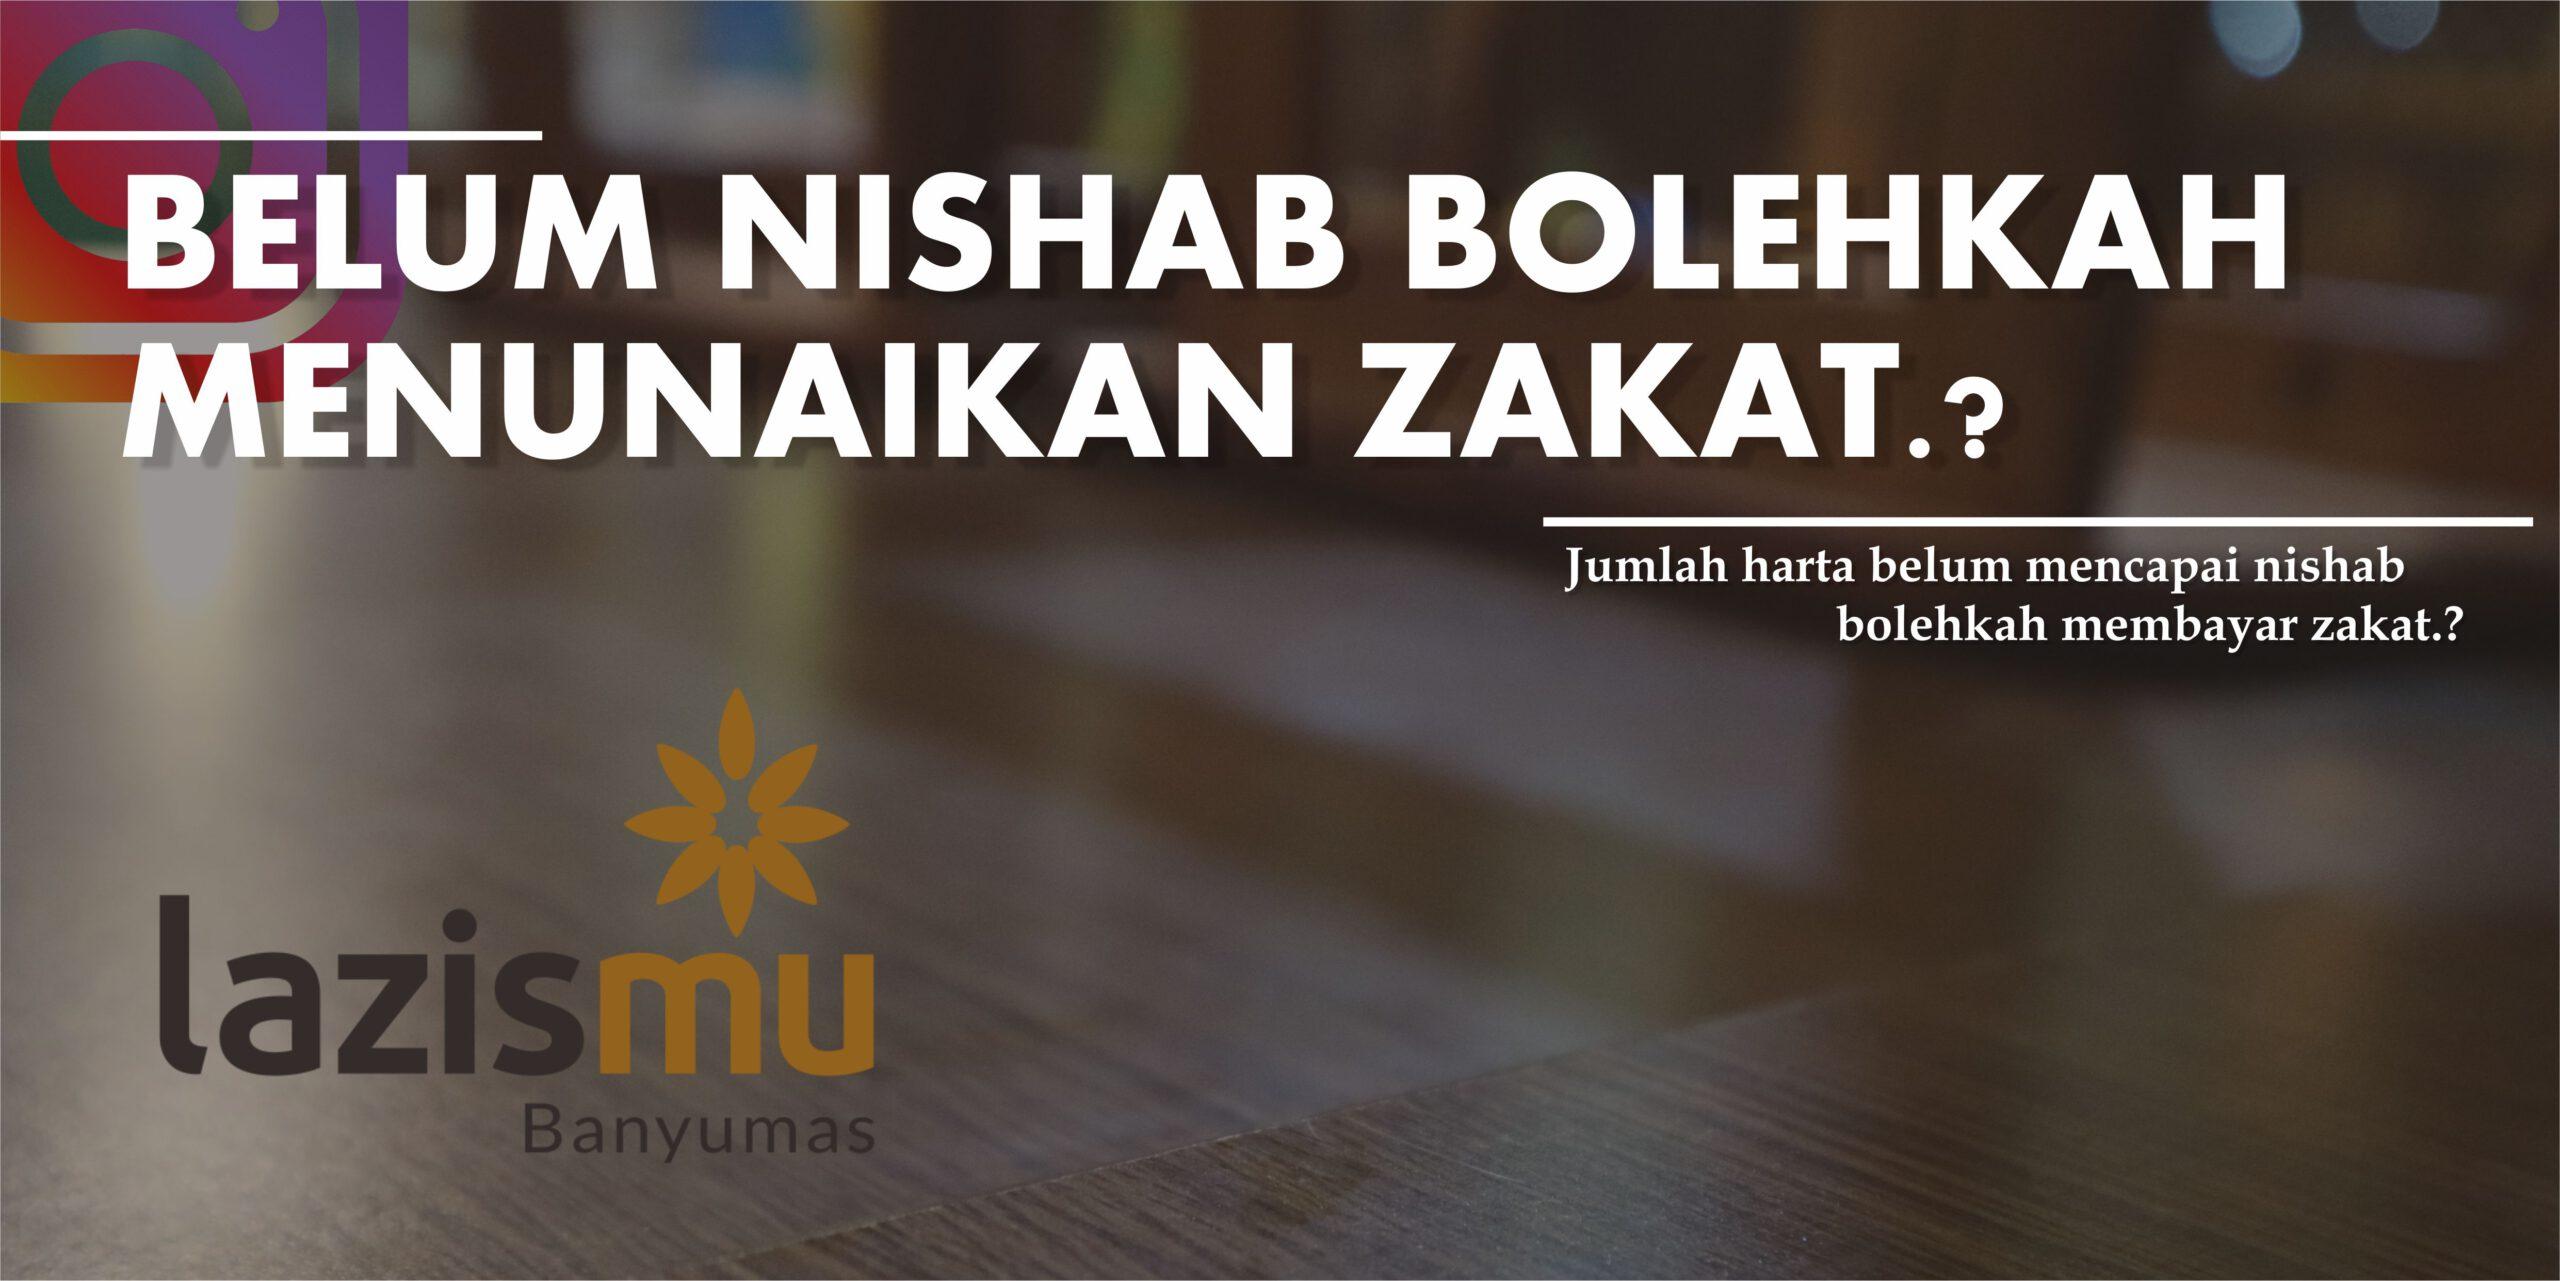 Belum Nishab, Bolehkah menunaikan Zakat.?